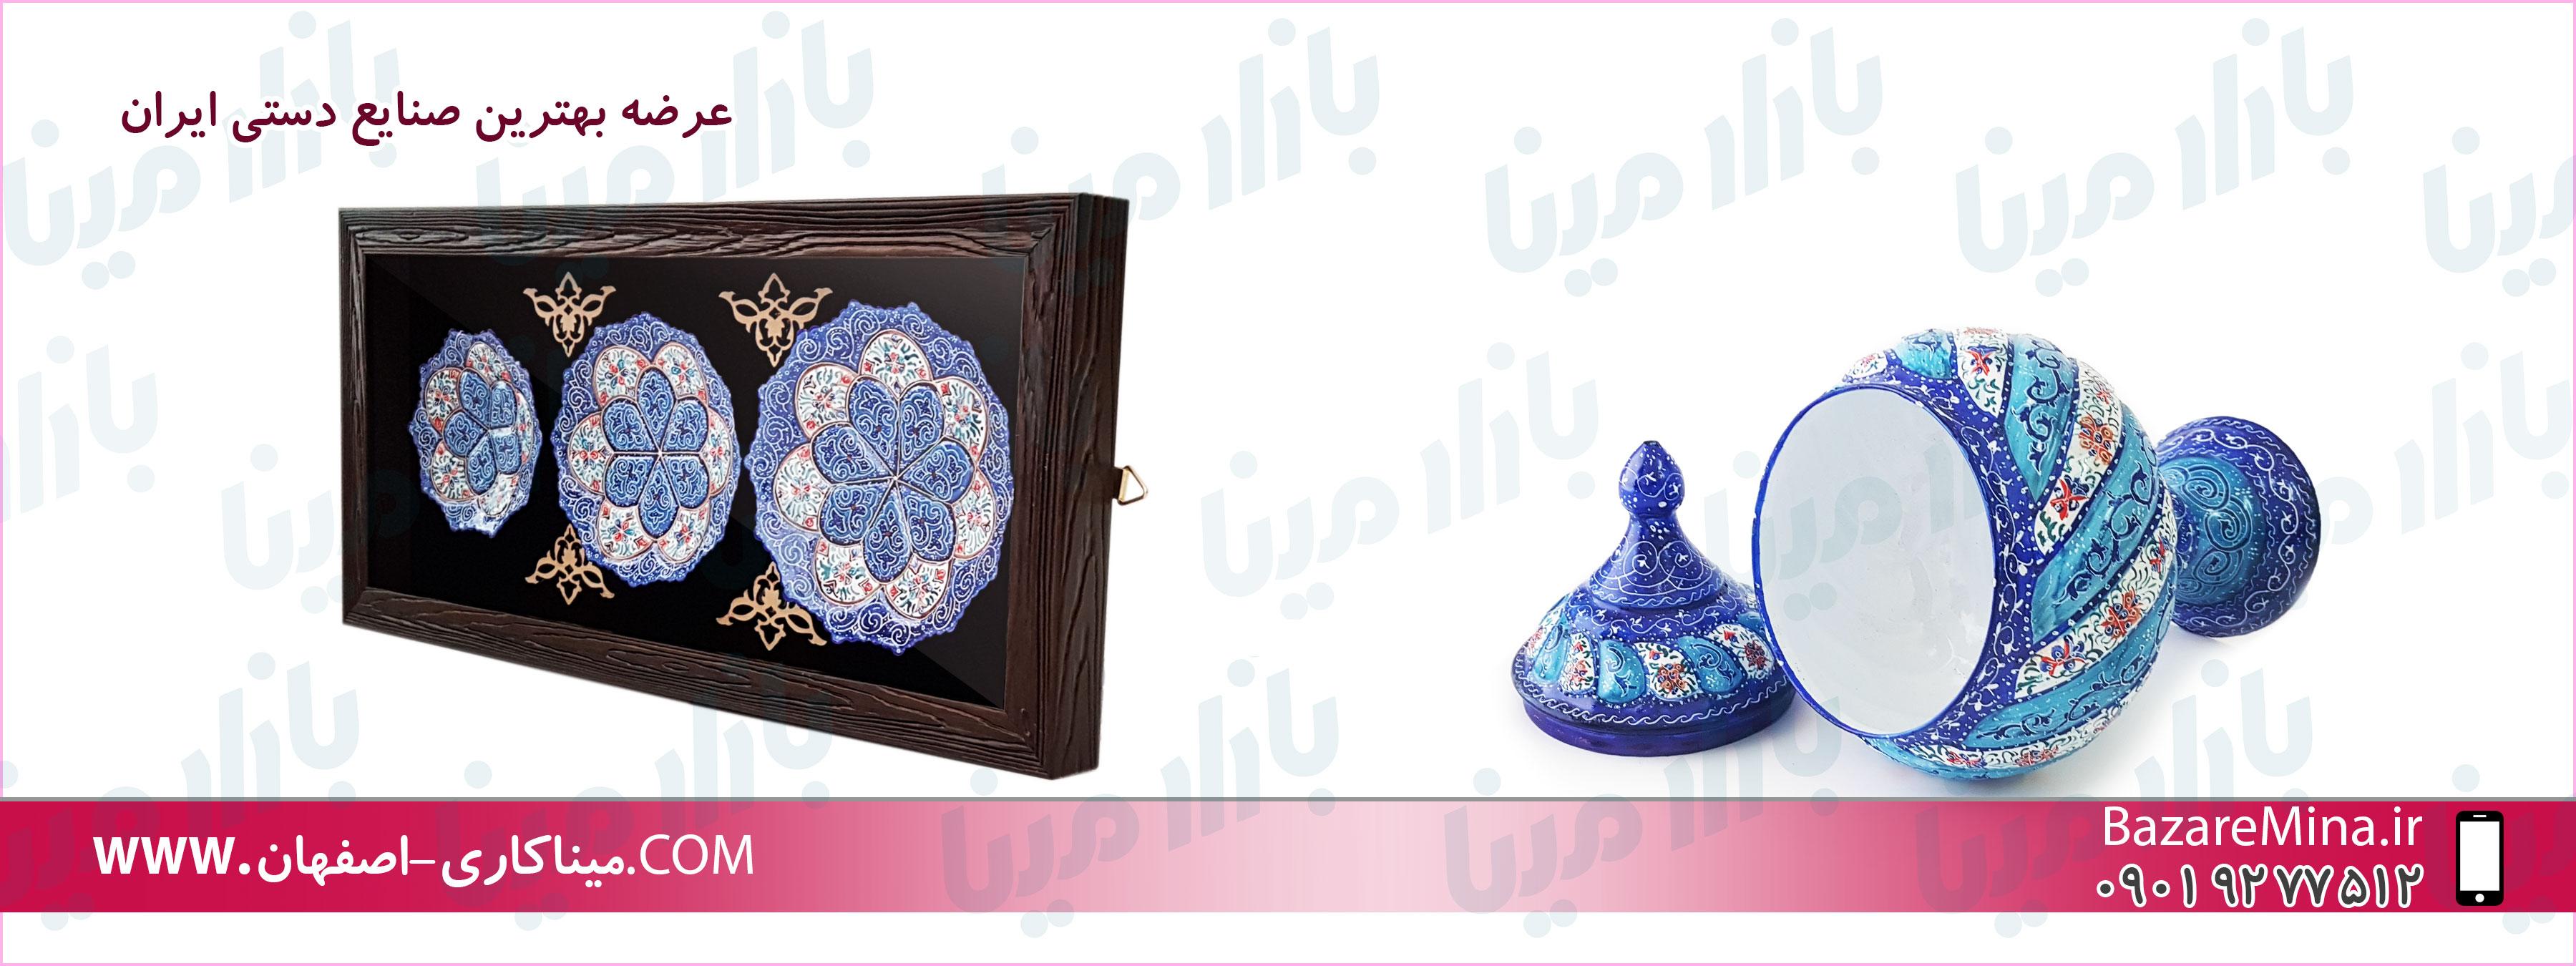 مینا کاری اصفهان فروش